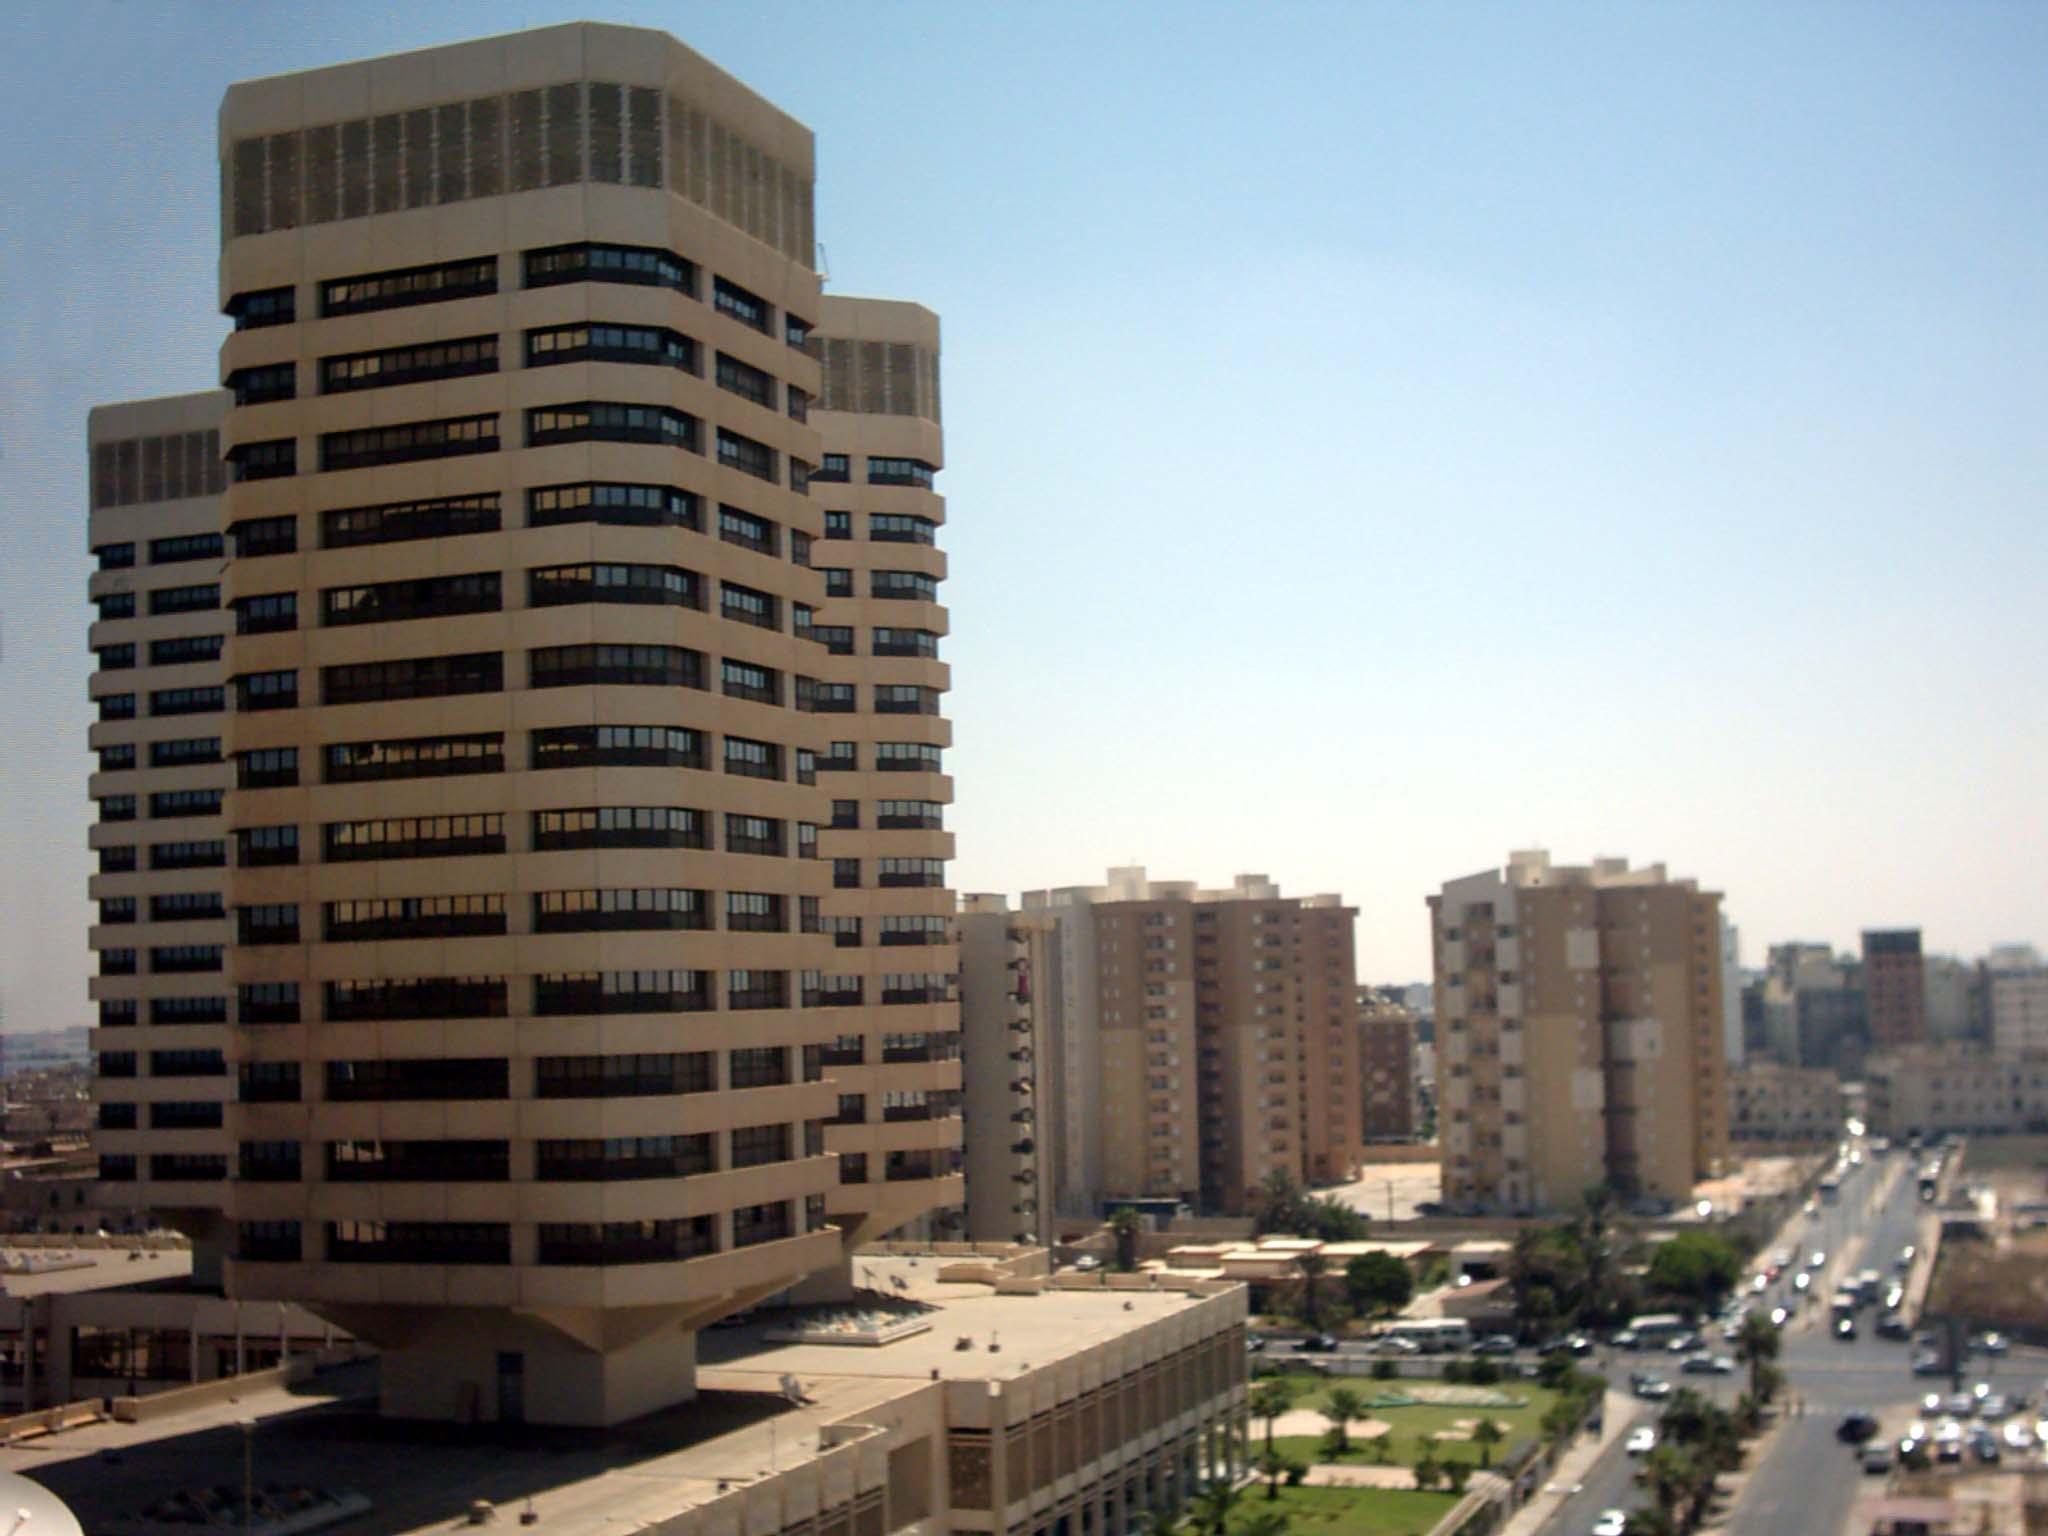 اخبار ليبيا اليوم الخميس 23-1-2014 , اخر اخبار ليبيا اليوم الخميس 23 يناير 2014